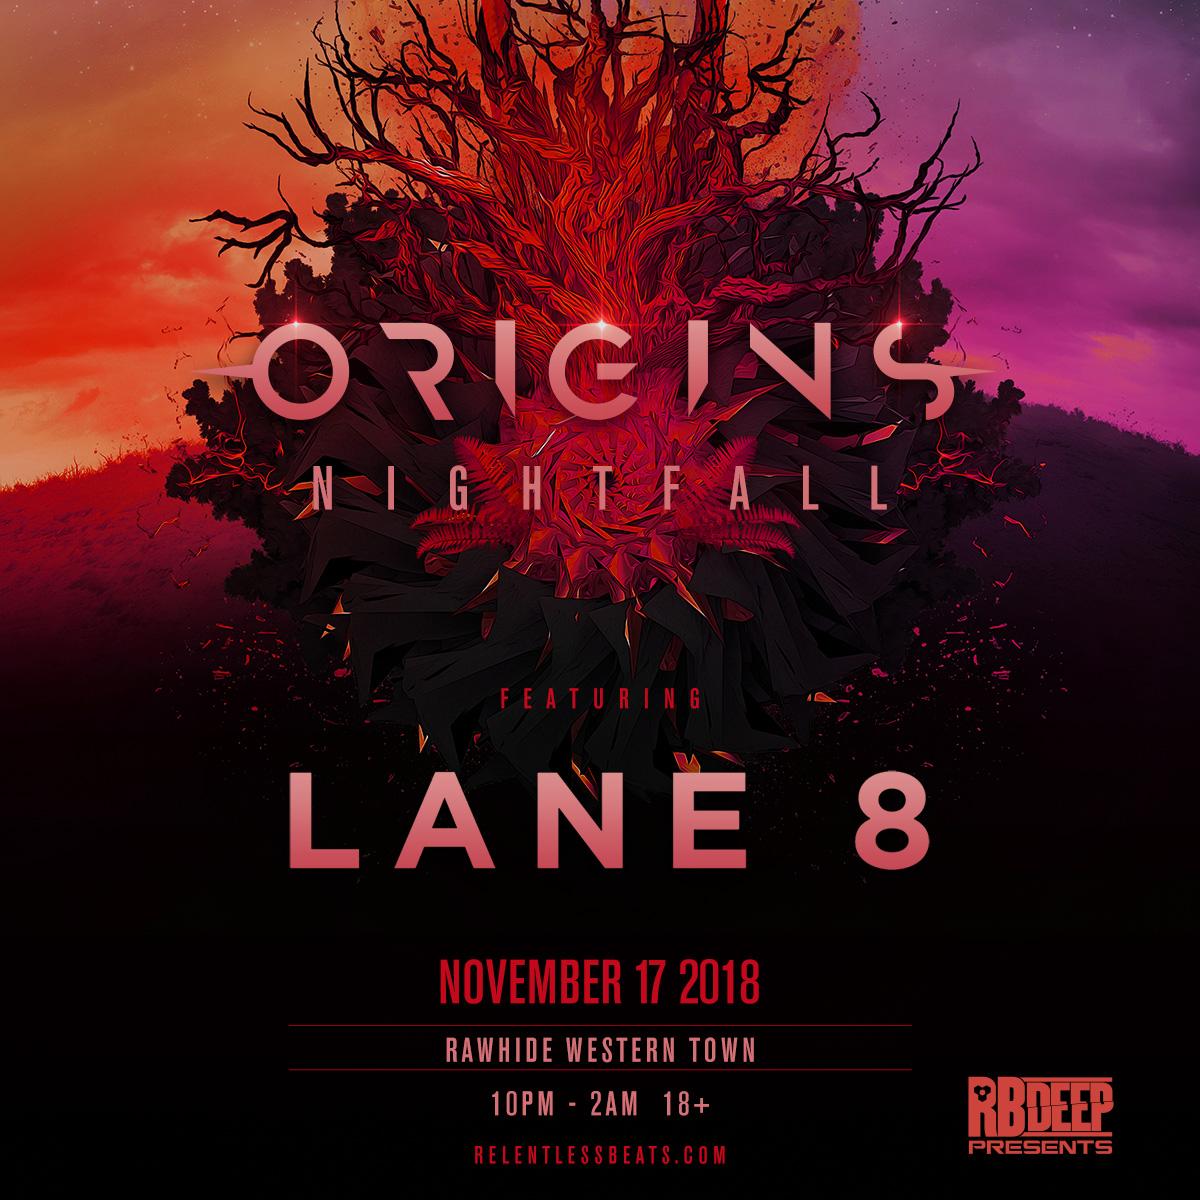 Flyer for Origins Nightfall: Lane 8